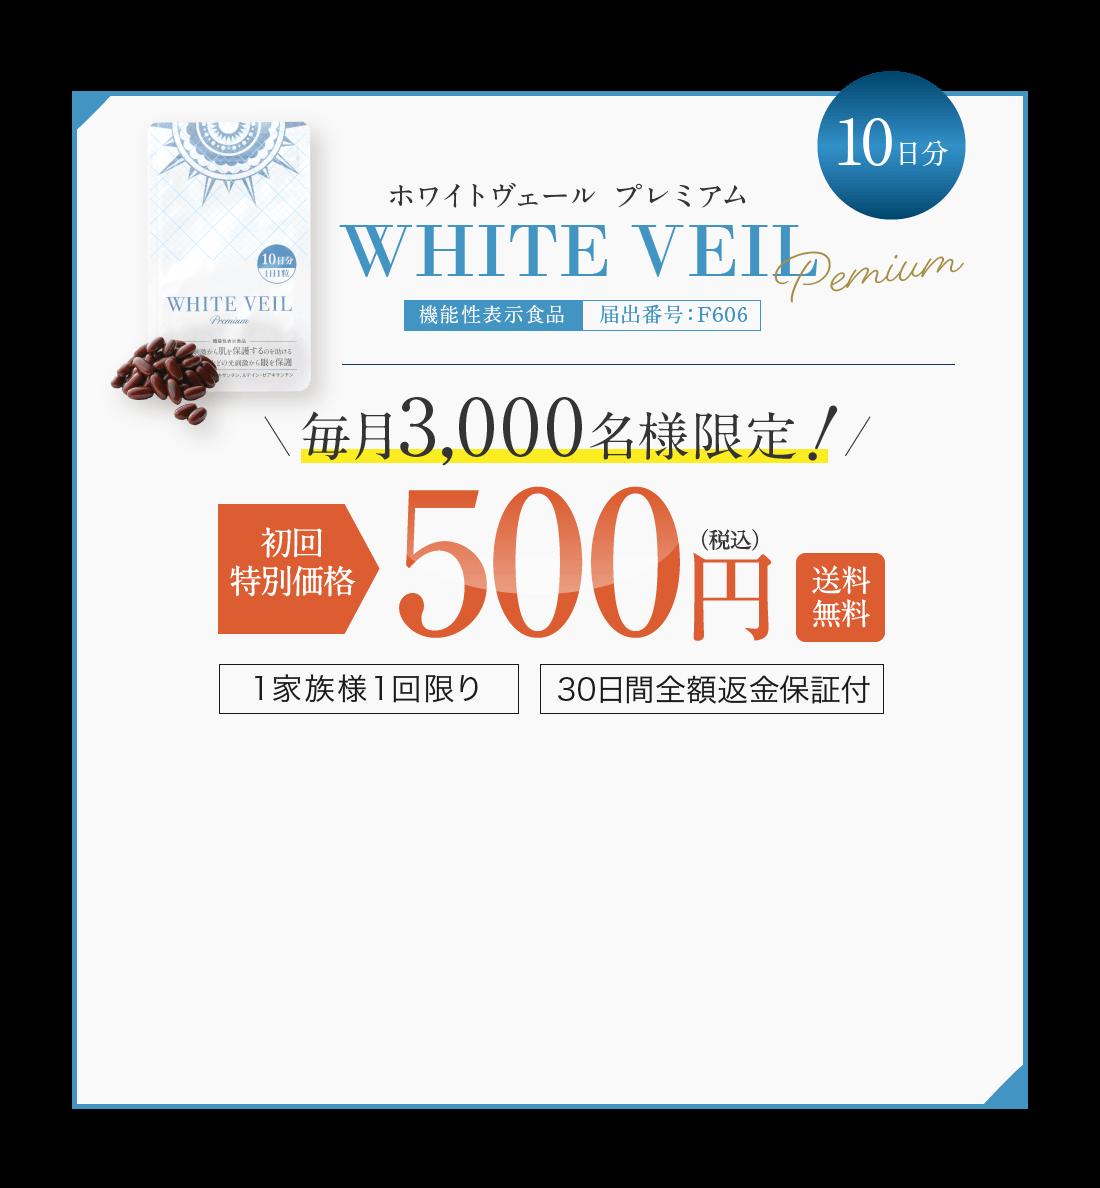 ホワイトヴェール プレミアム 初回特別価格500円(税込)送料無料